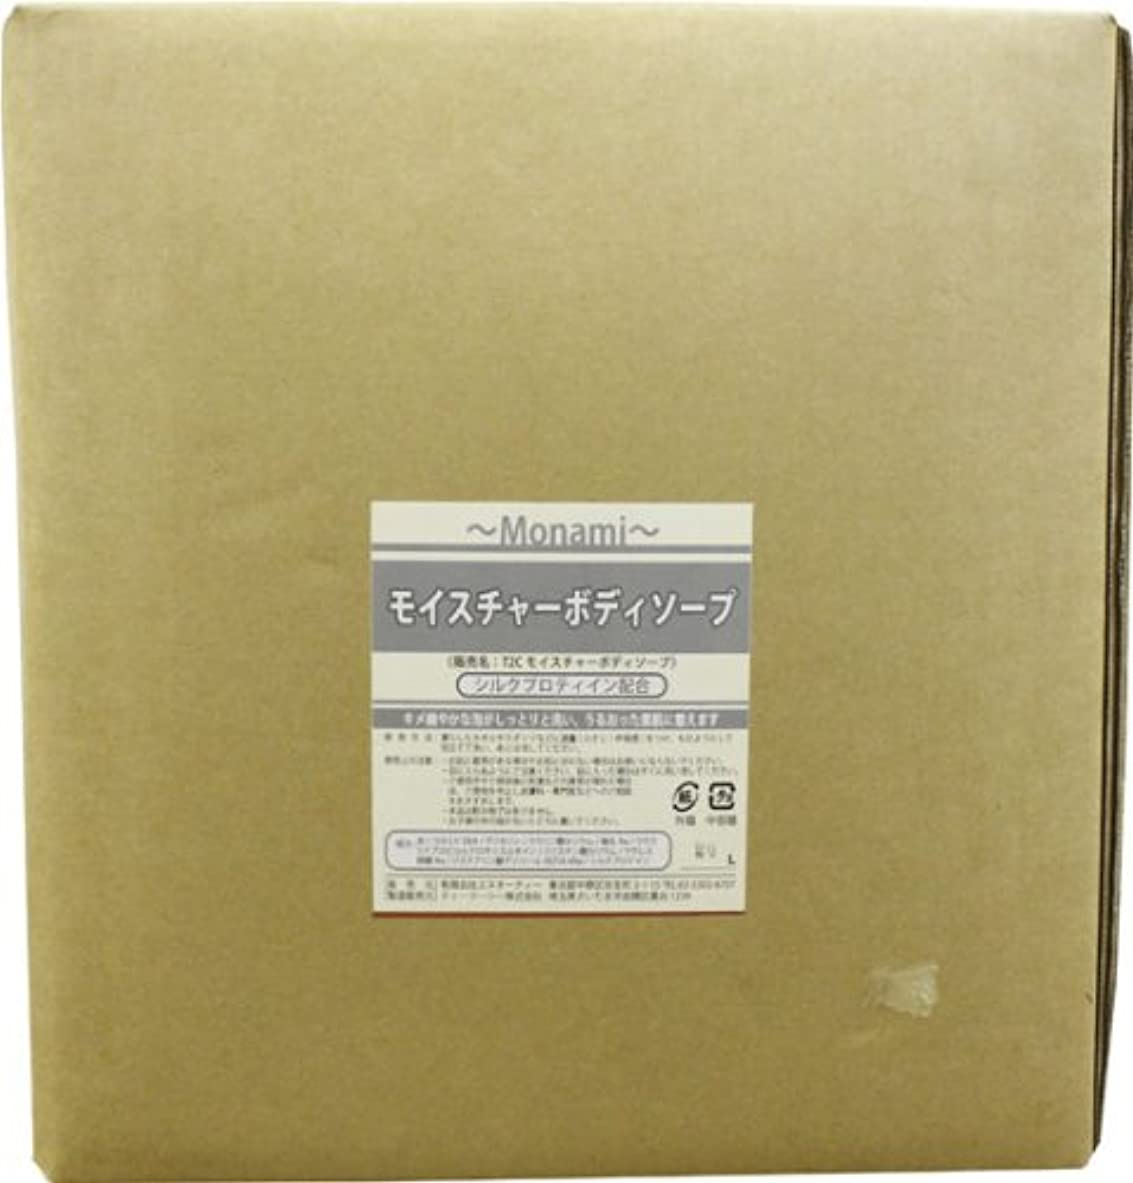 ツインバイアスバーストモナミモイスチャーボディソープ20L 無香料 シルクプロテイン配合